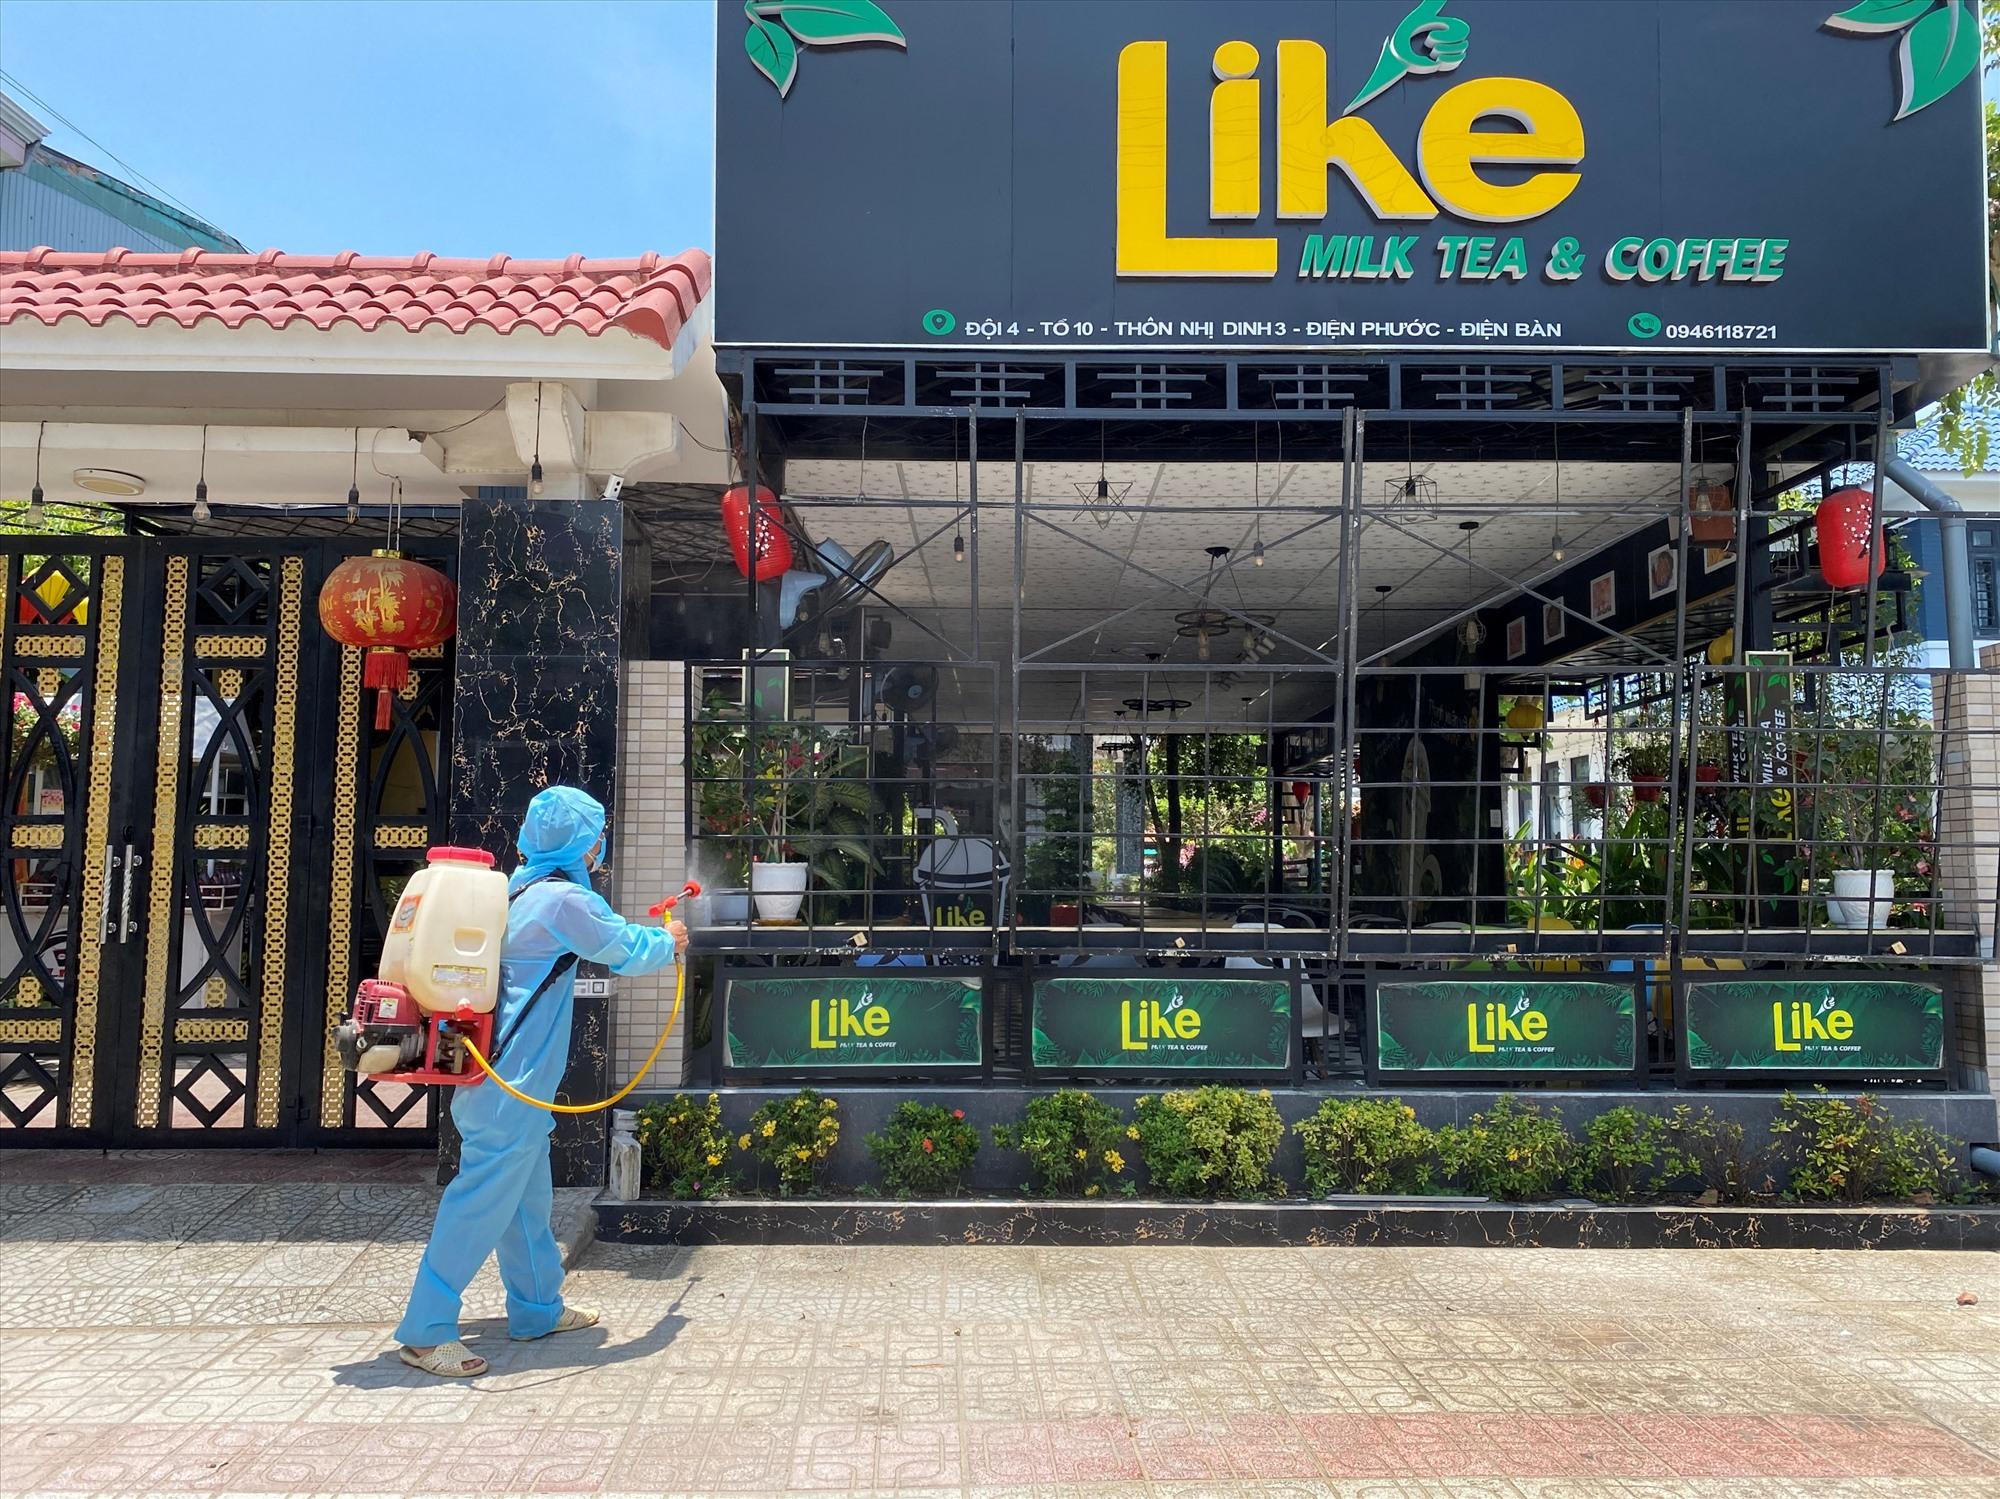 Sau khi tiến hành truy vết và cách ly tập trung các trường hợp F1, Thị xã Điện Bàn chủ động phun thuốc khử trùng các địa điểm liên quan. Ảnh: QUANG HÀ